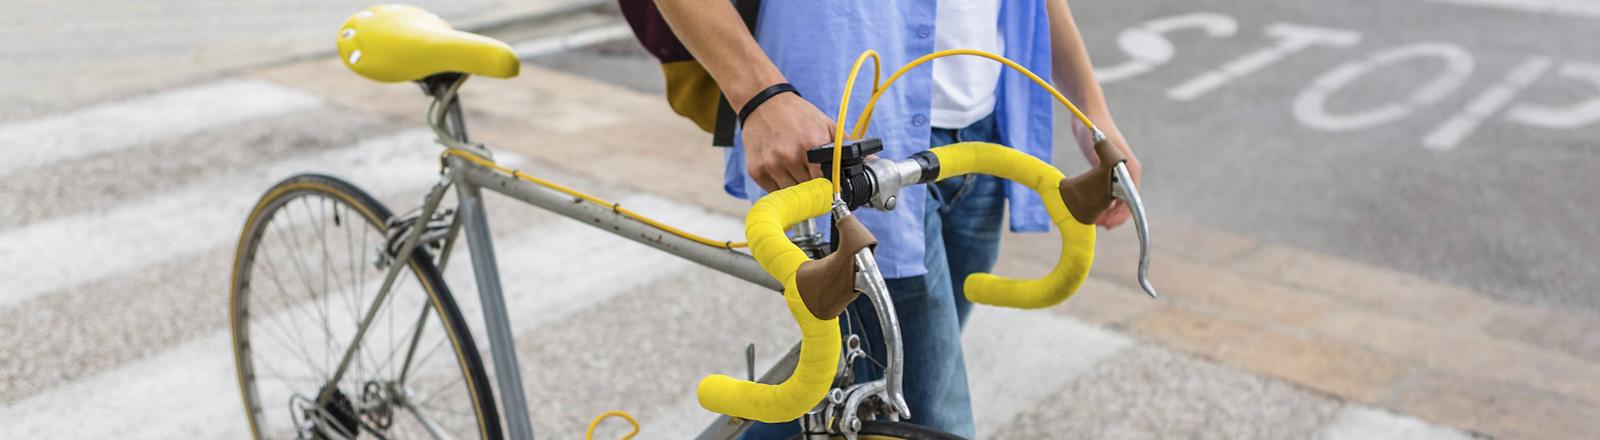 Ein Mann schiebt sein Rennrad über einen Zebrastreifen.